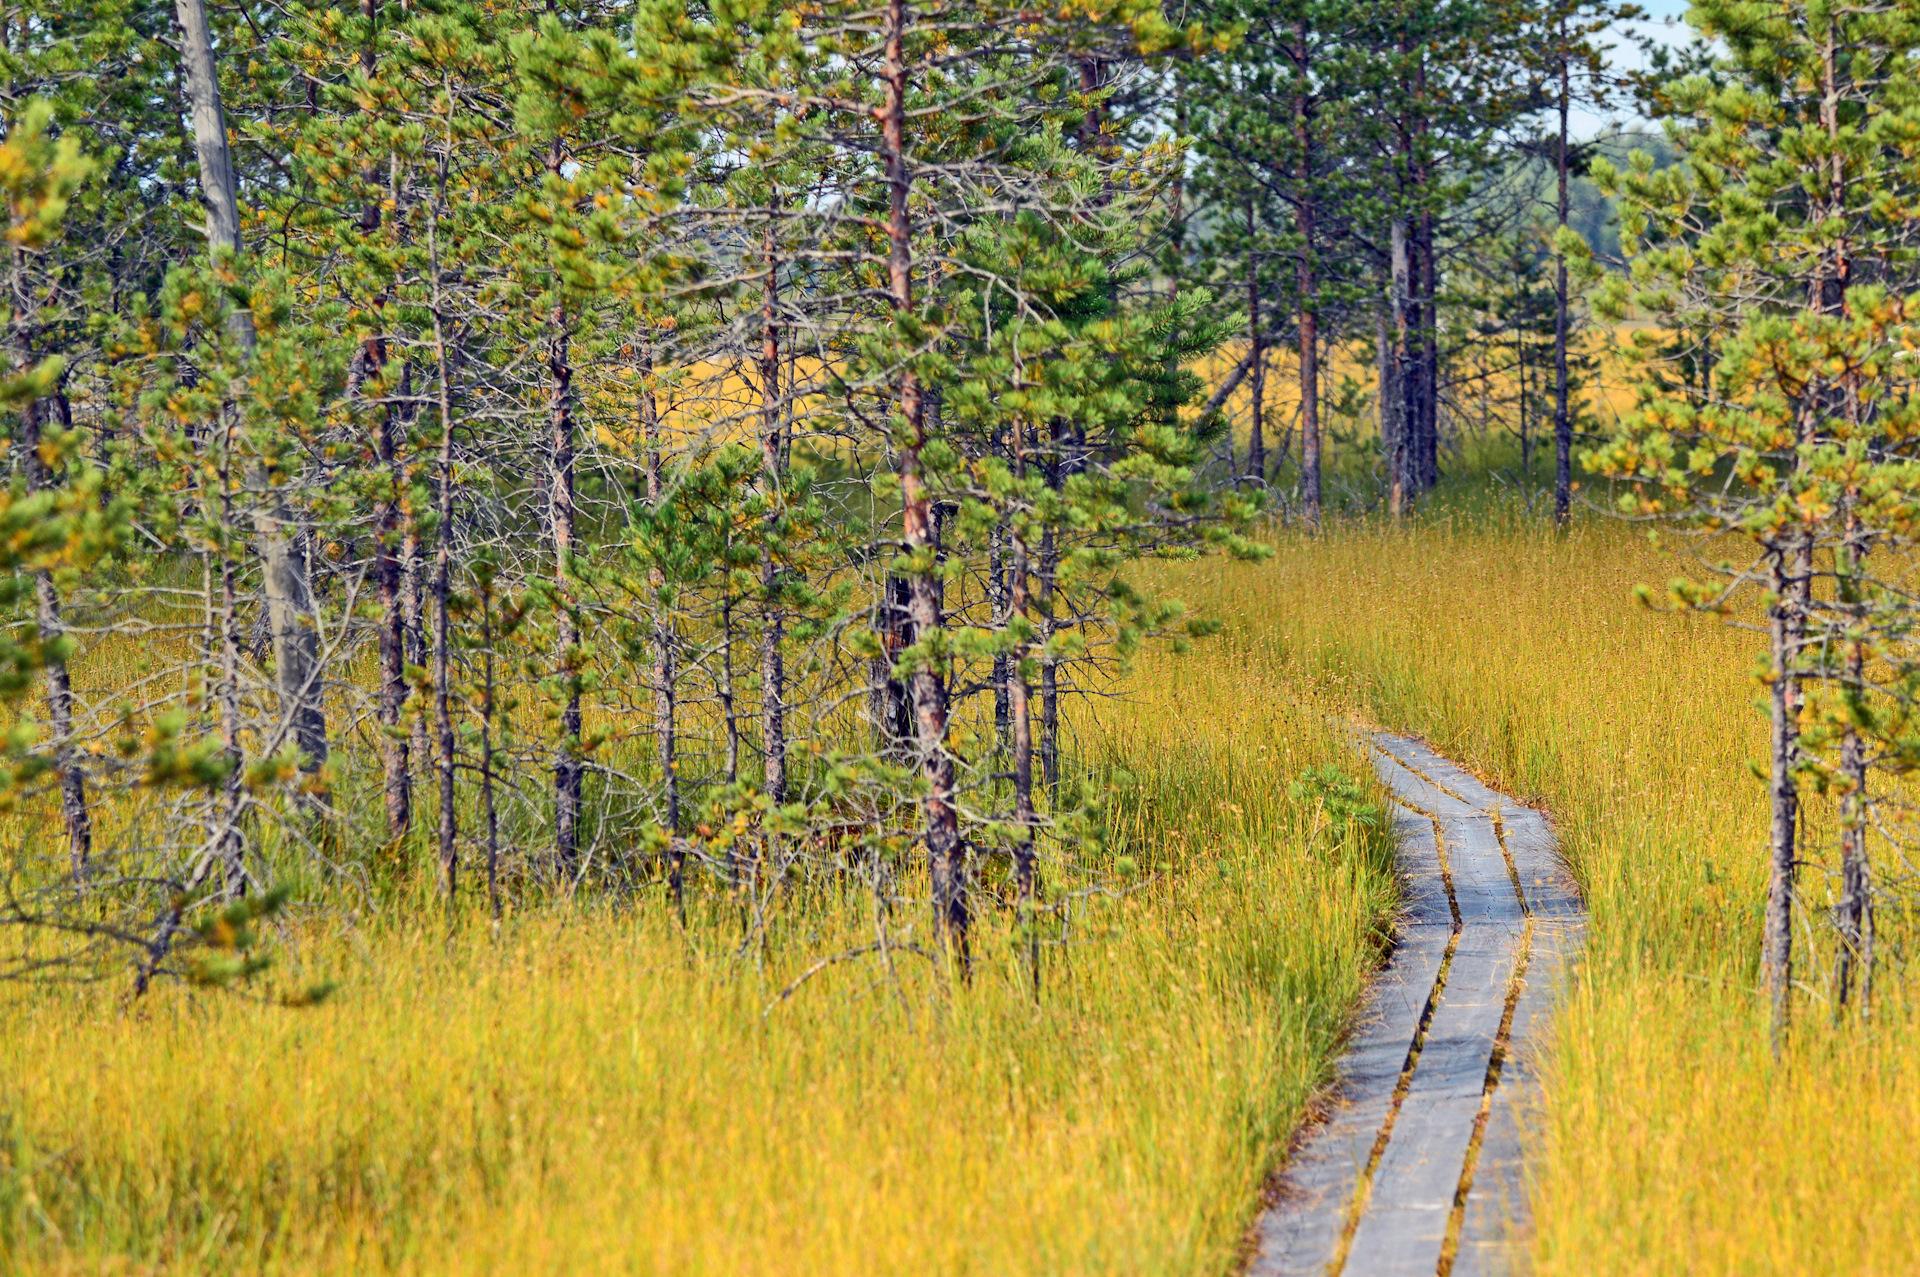 В 2021 году Центрально-лесной государственный природный заповедник в Тверской области отметит 90-летие